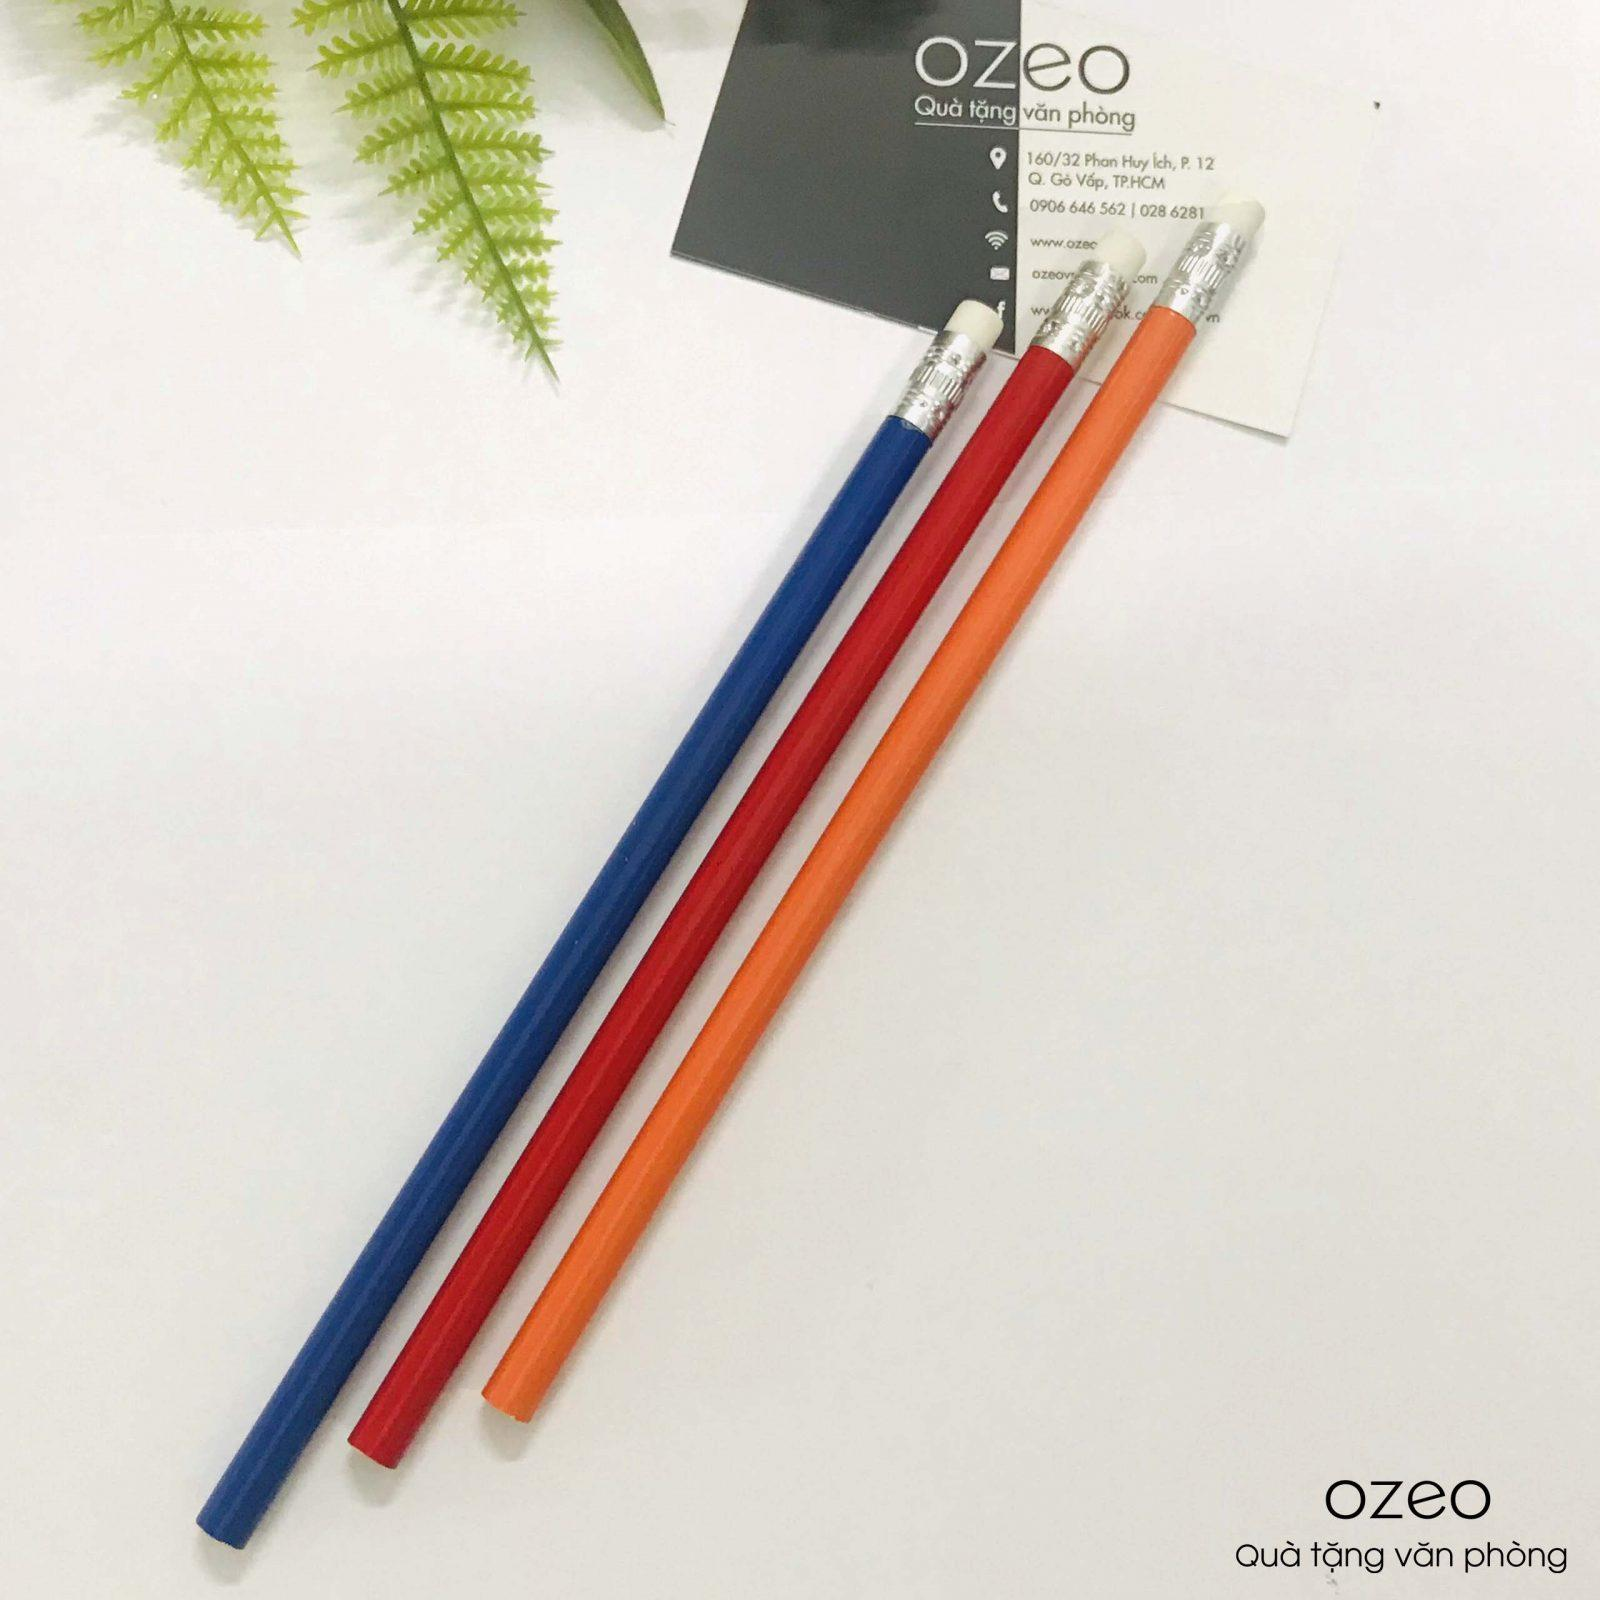 In bút chì, in ấn bút chì giá rẻ, in bút chì gỗ HB theo yêu cầu tại Tp.HCM